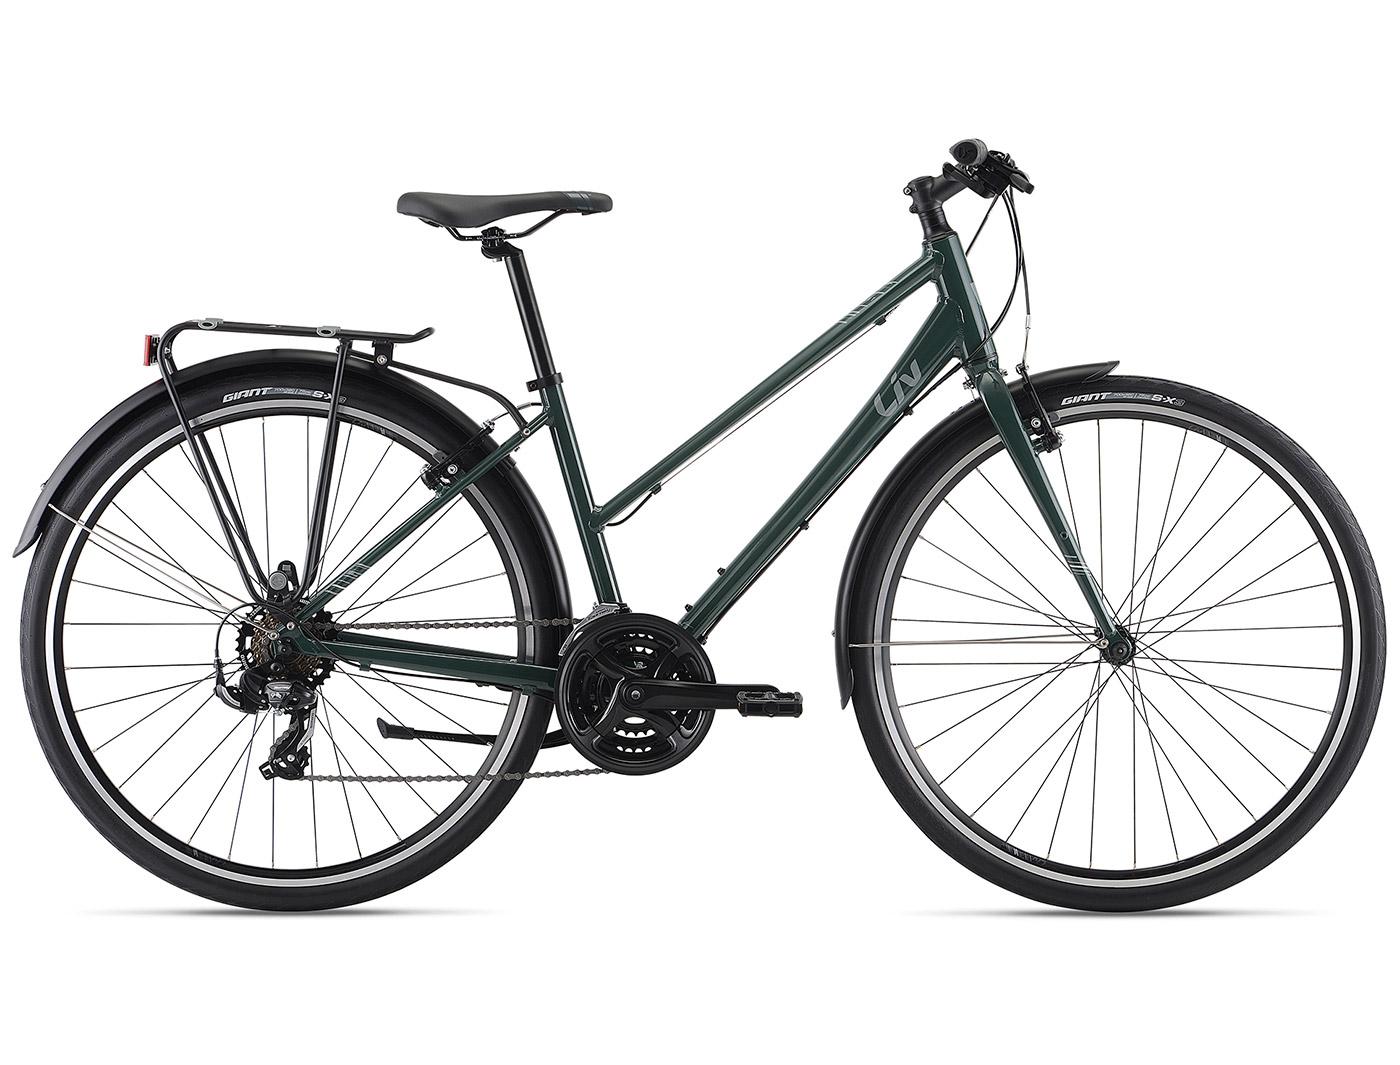 Велосипед Giant/Liv Alight 3 City (2021)